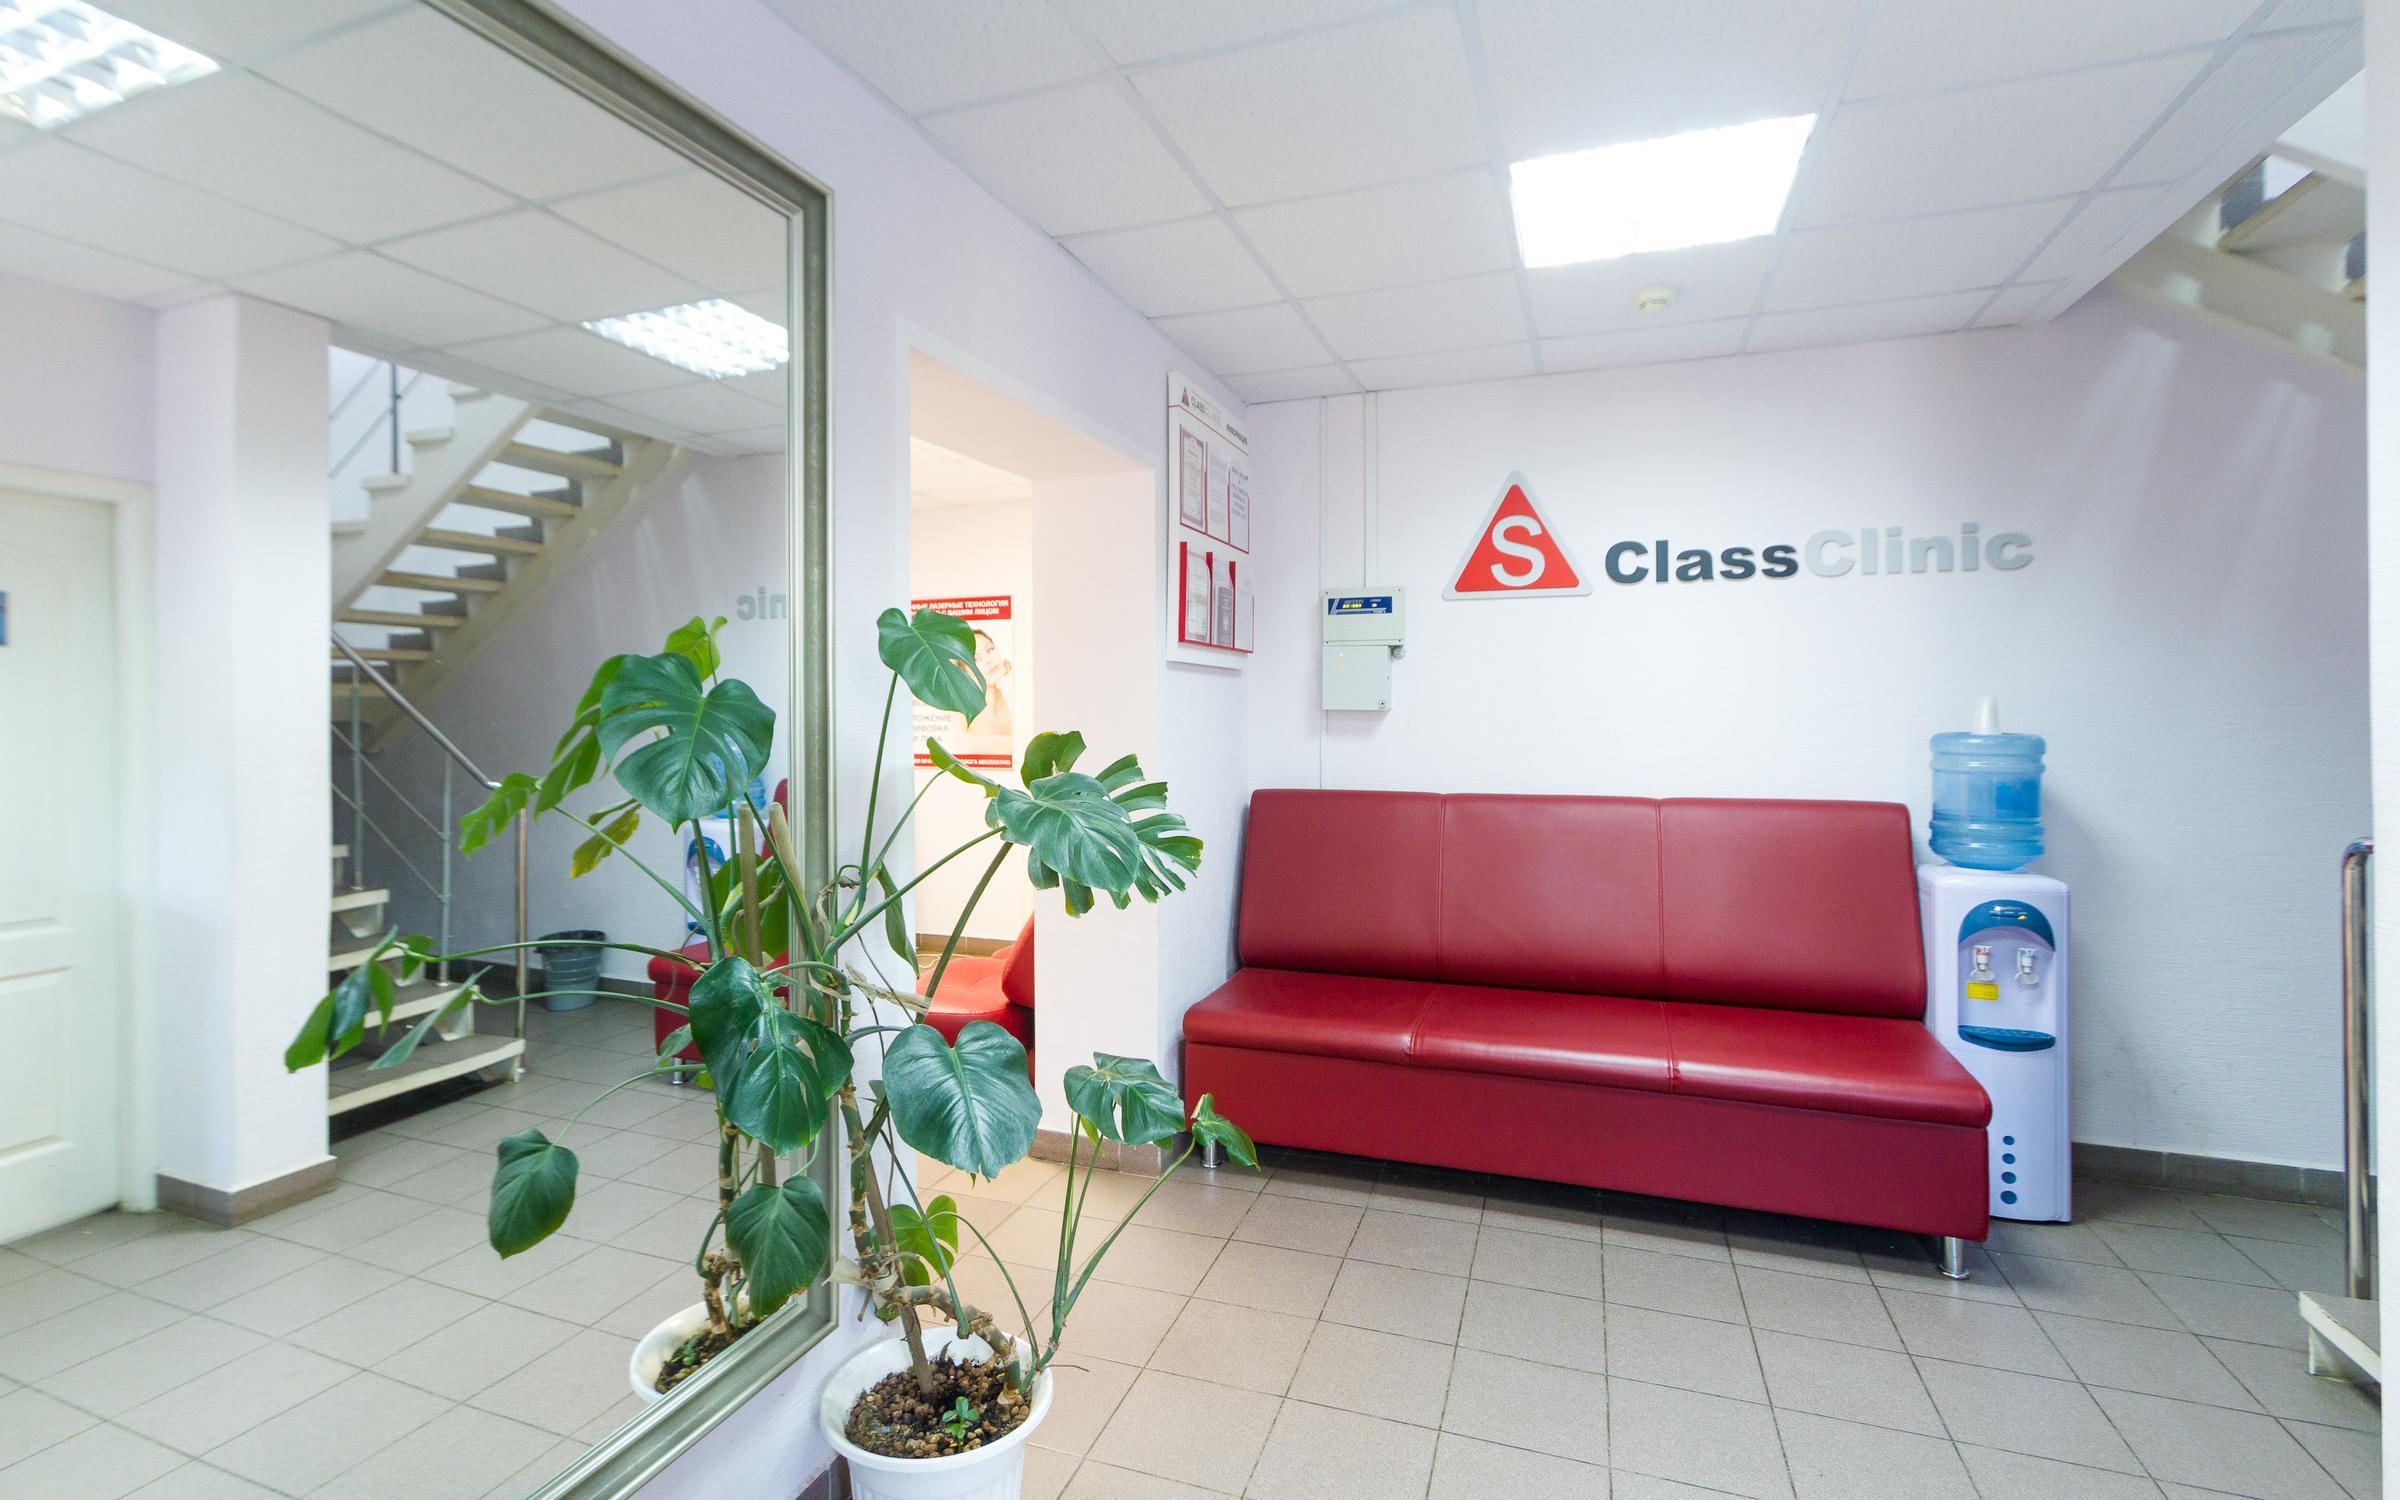 фотография Медицинского центра S ClassClinic на улице Чернышевского